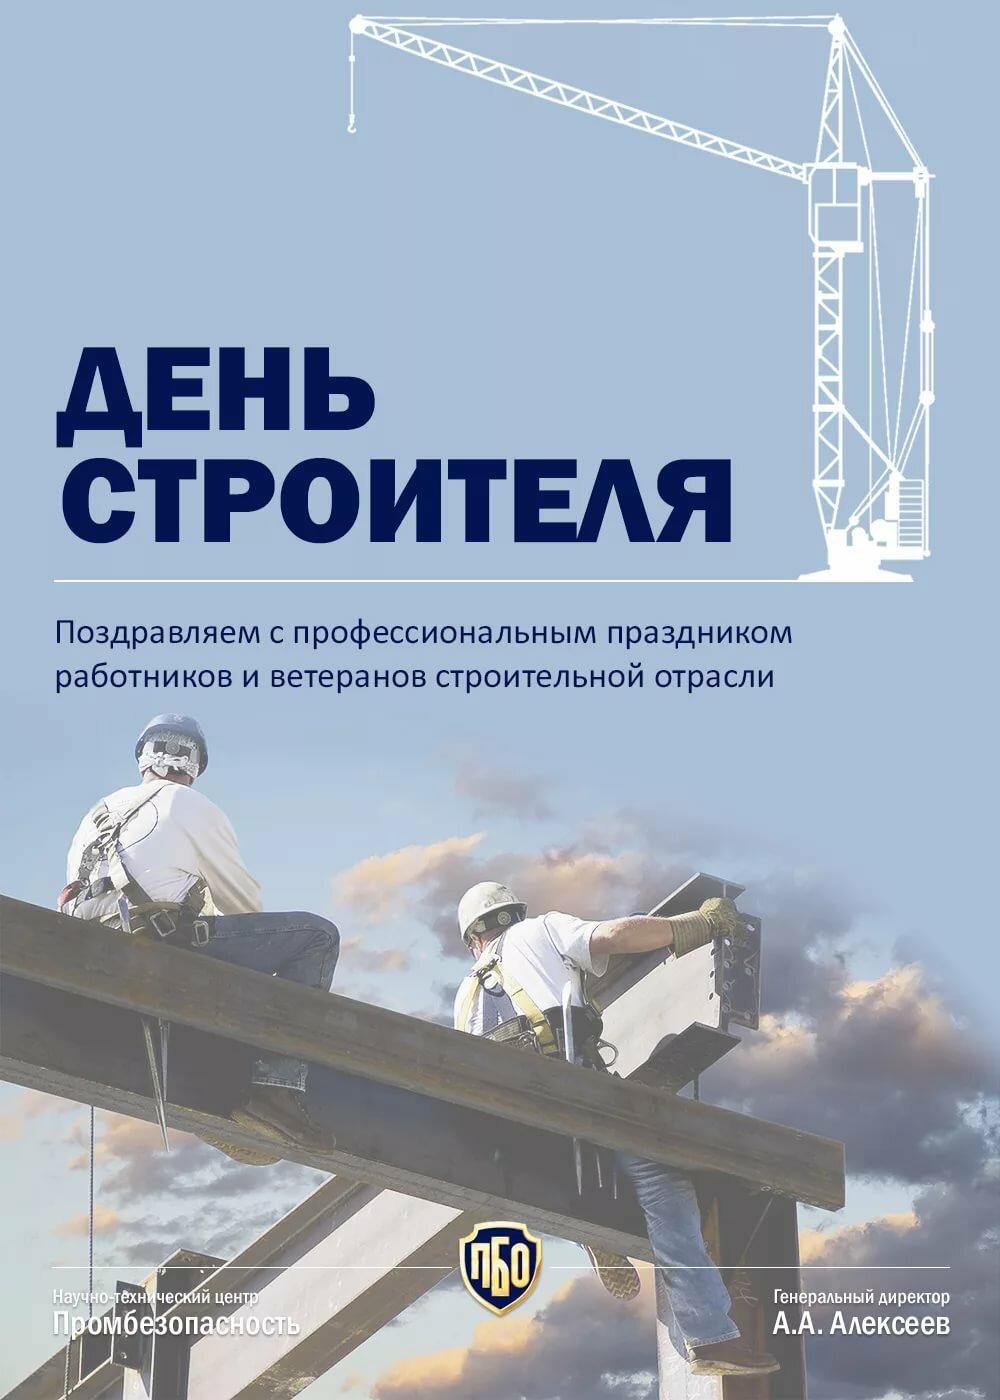 Поздравления к дню строителя мостовикам